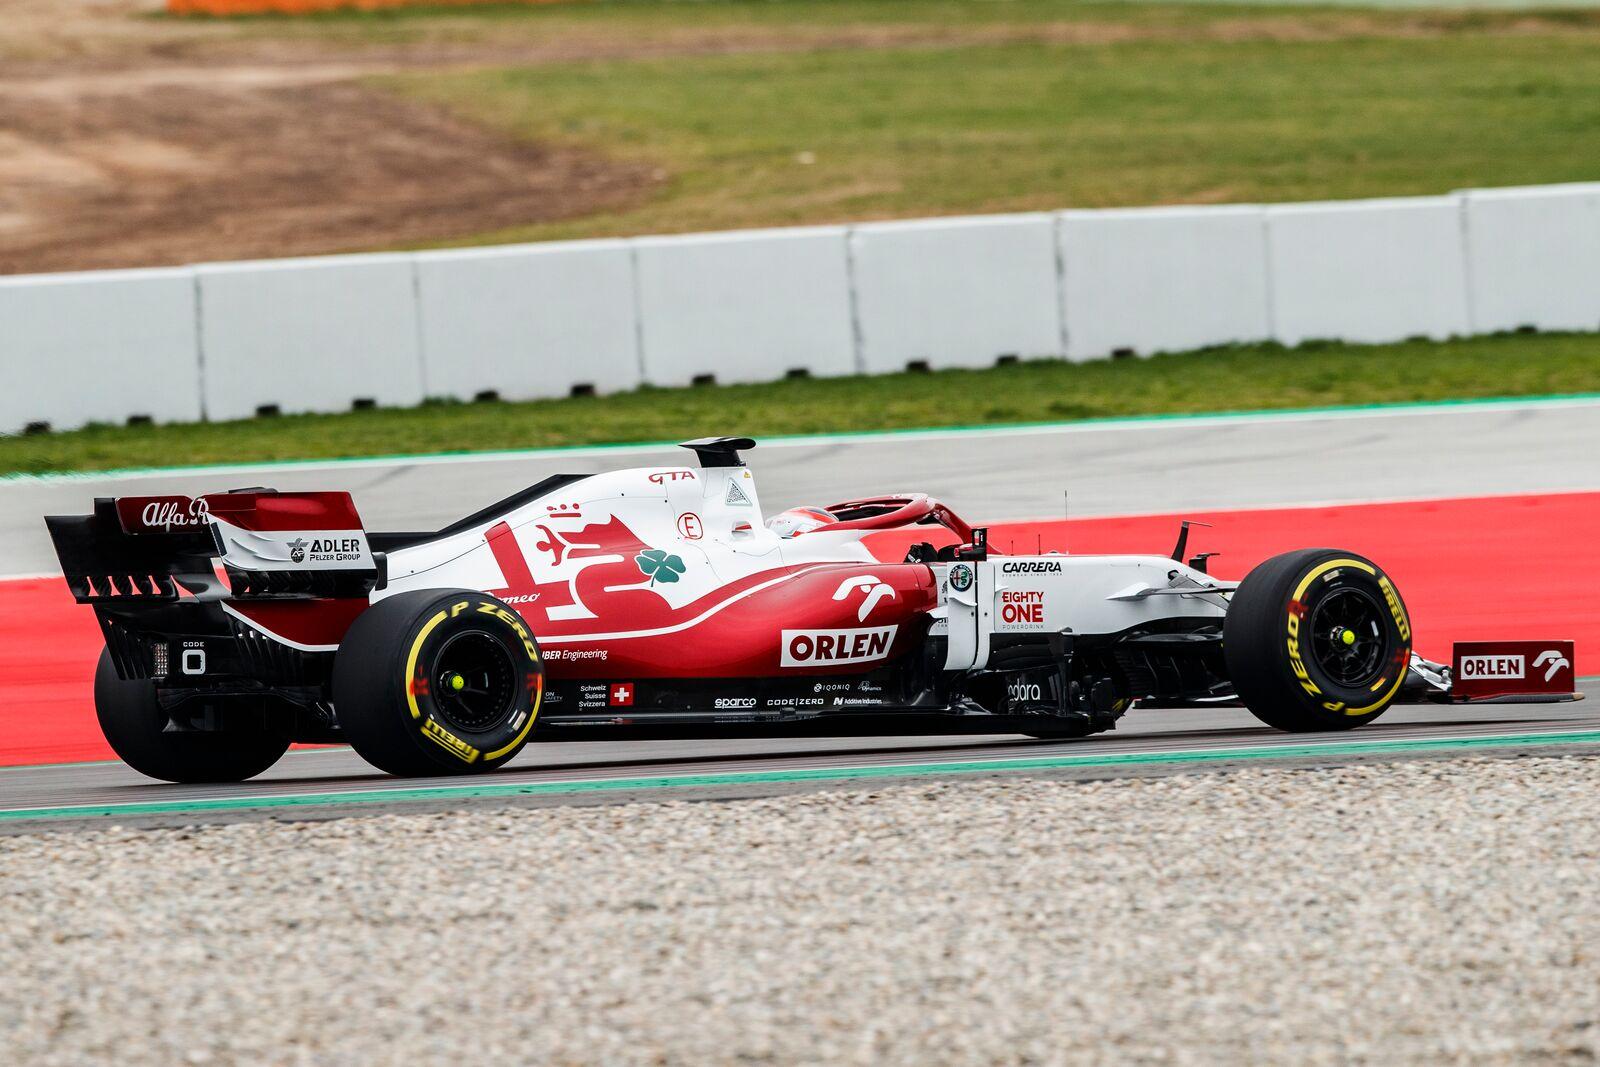 Egy-egy forgatási napon 100 km-t szabad megtenni az autóval, azt is kizárólag a Pirelli ultrakemény demóabroncsain.<br /><br />Fotó:Xavi Bonilla / DPPI (Alfa Romeo Racing Media)<br /><br />